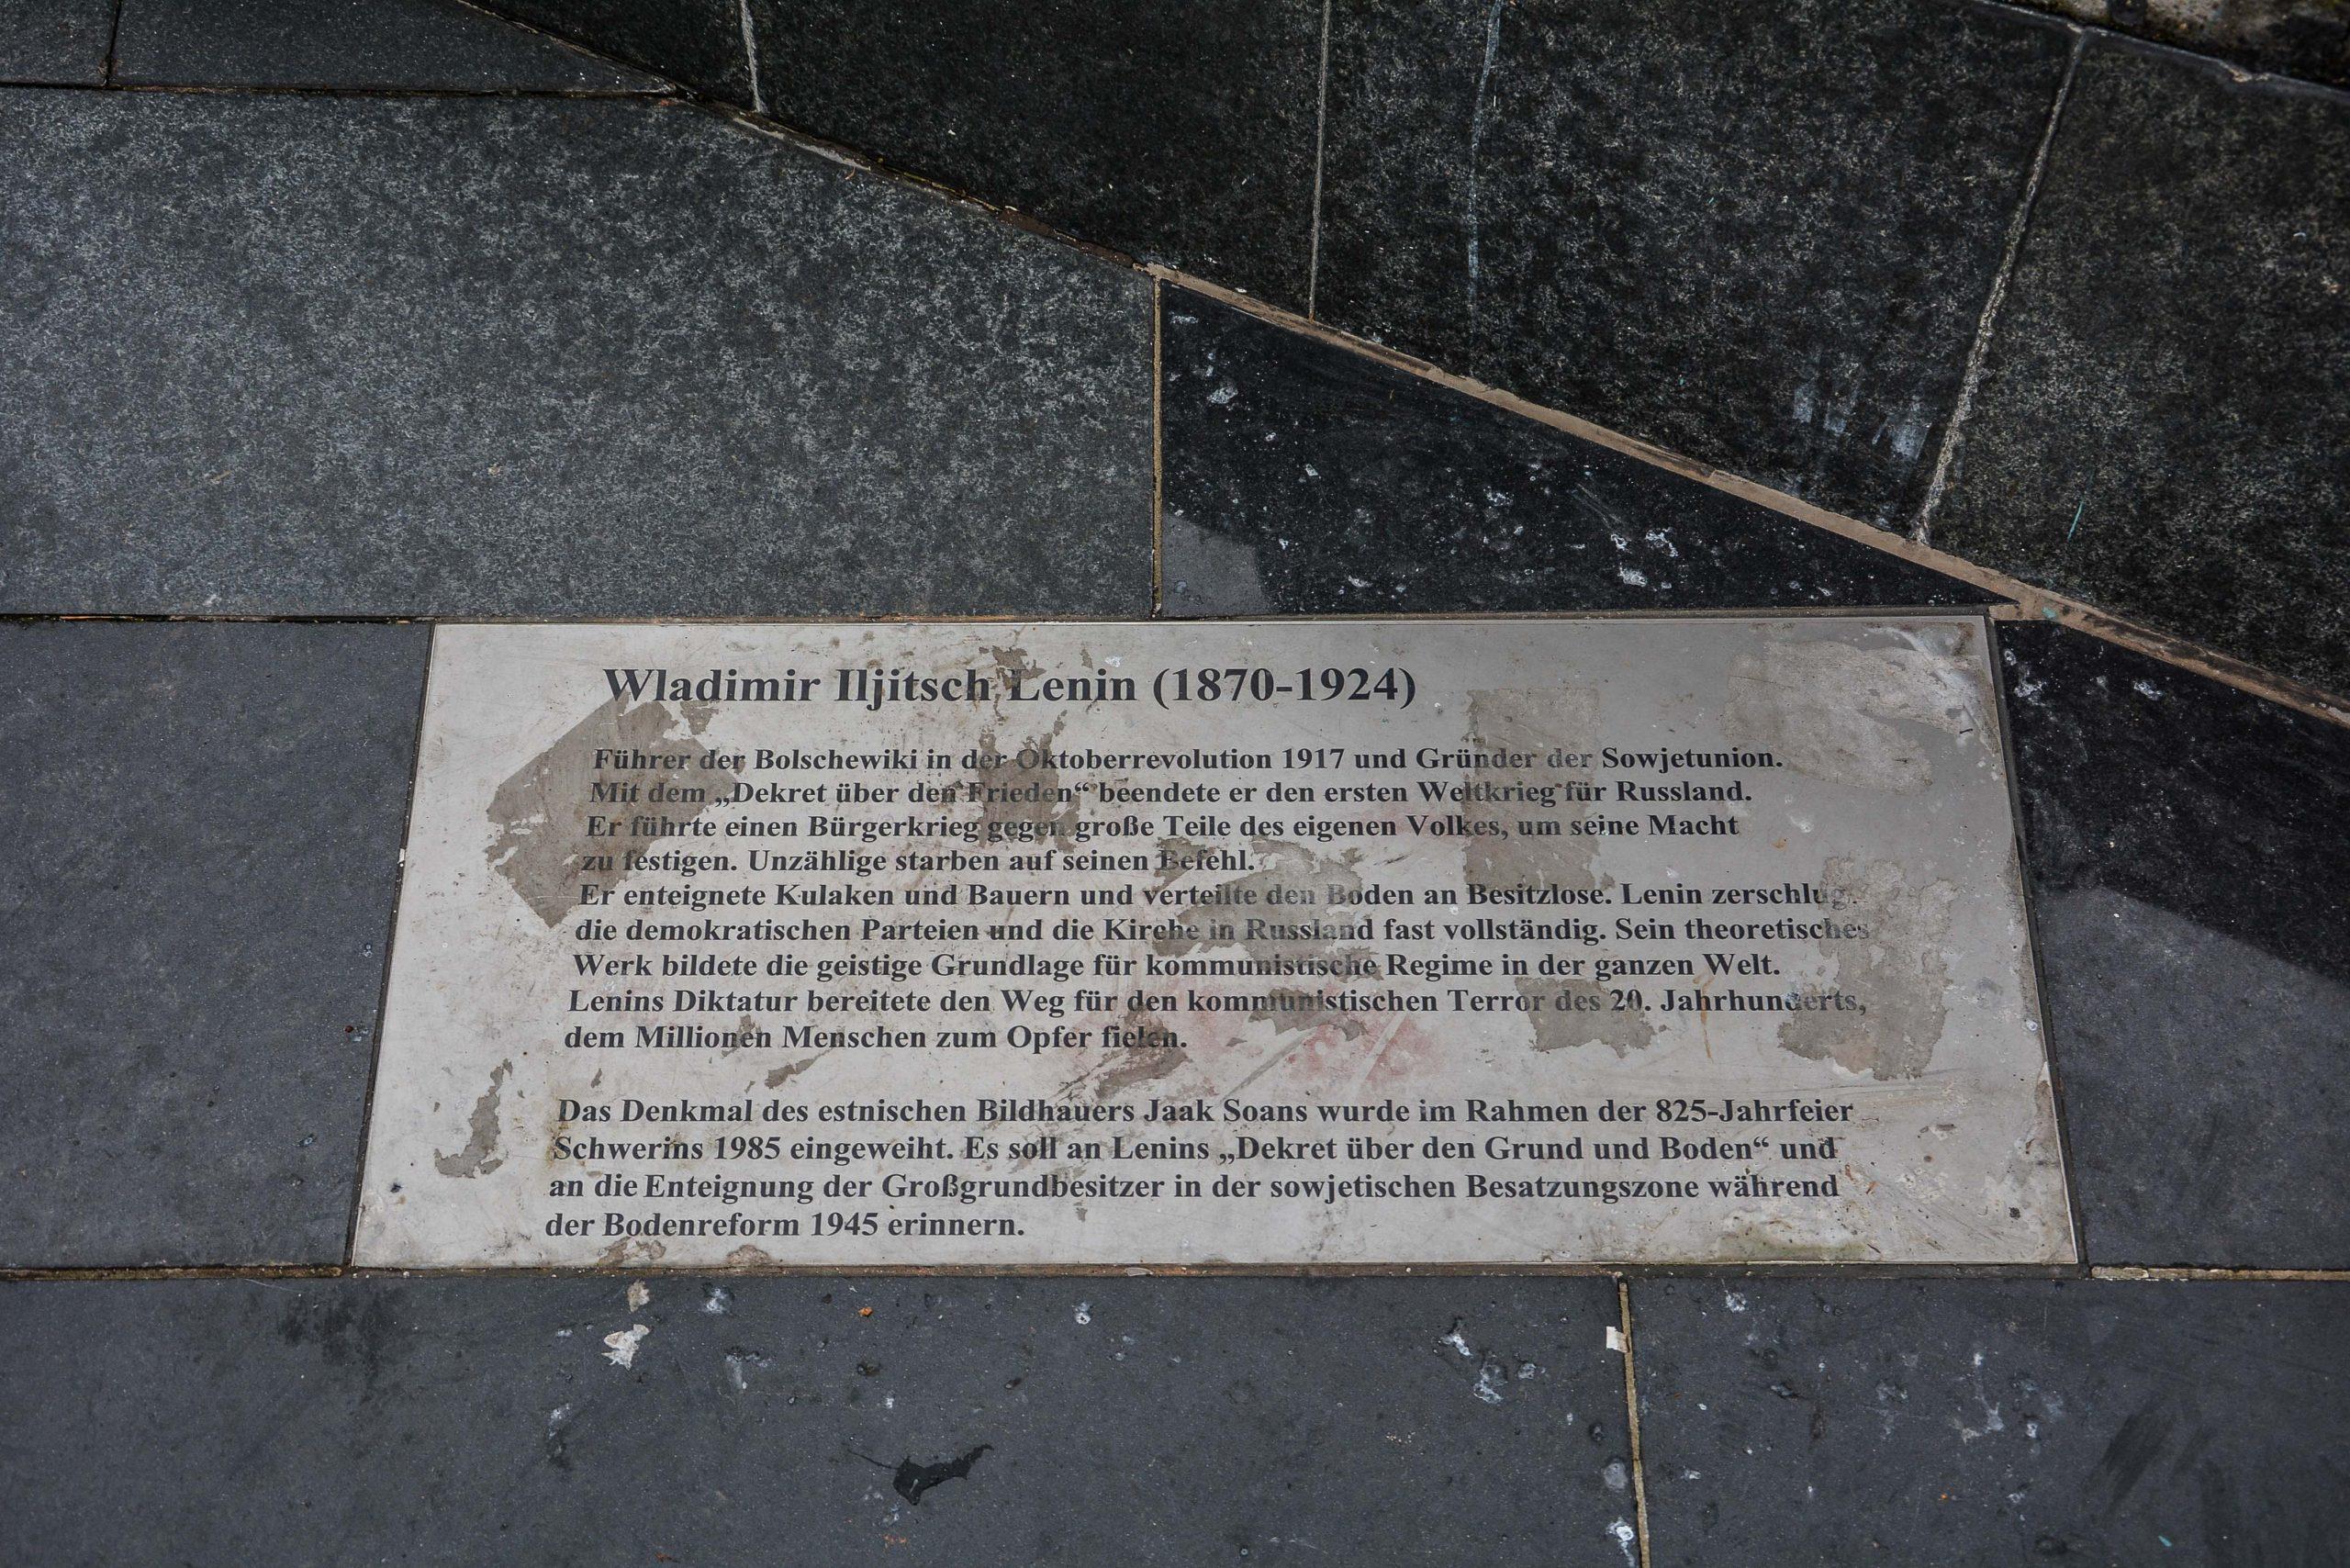 erklaerungstafael lenin denkmal monument statue schwerin mecklenburg vorpommern germany deutschland